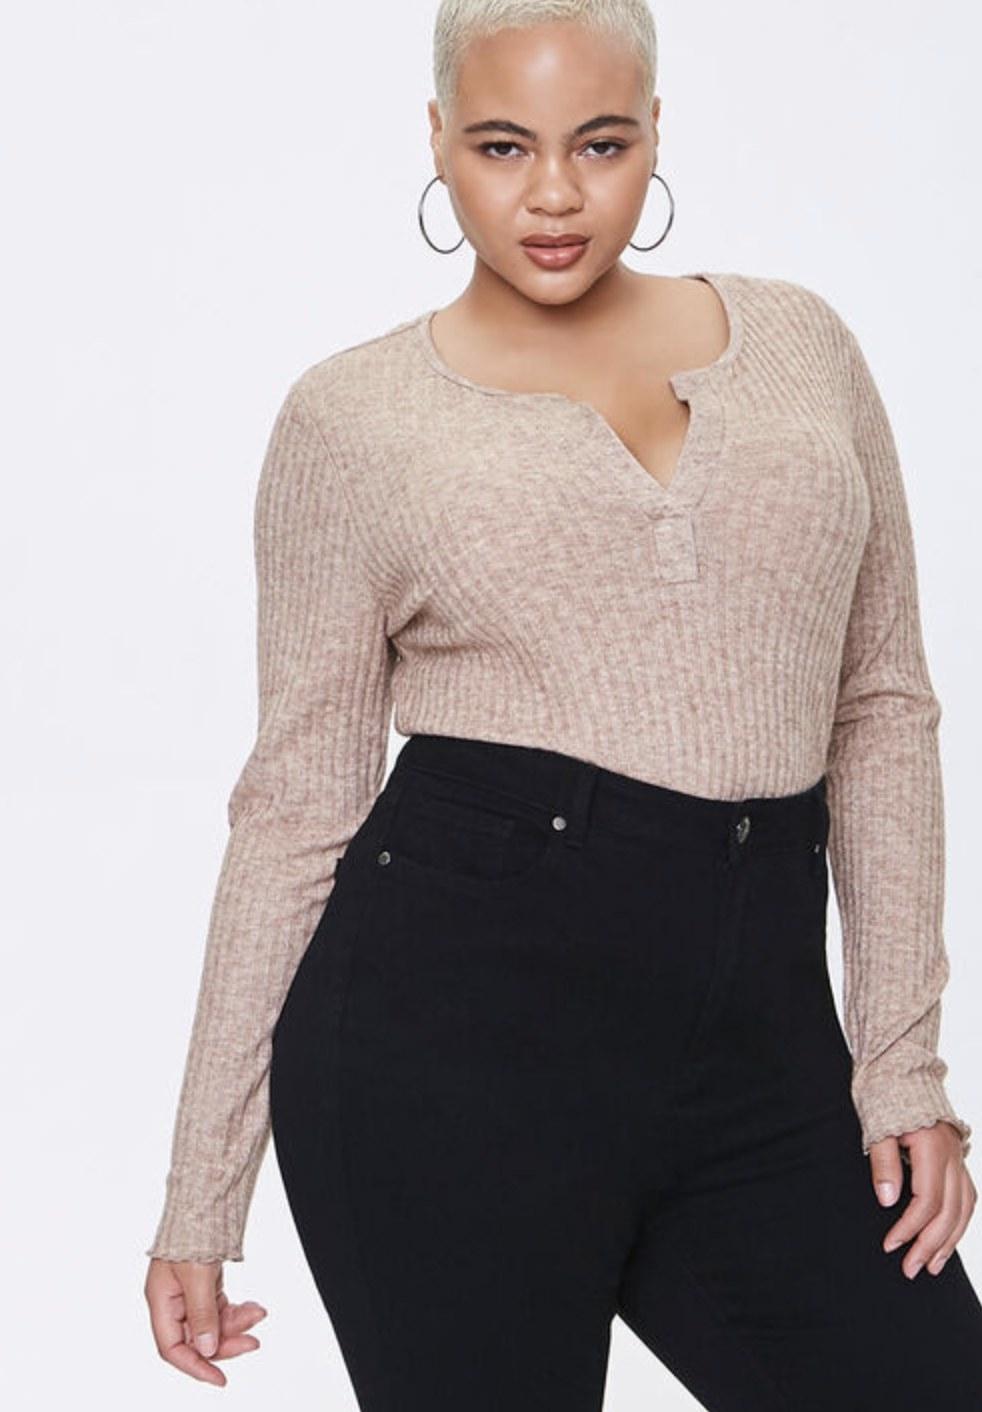 Model is wearing a beige bodysuit with black pants